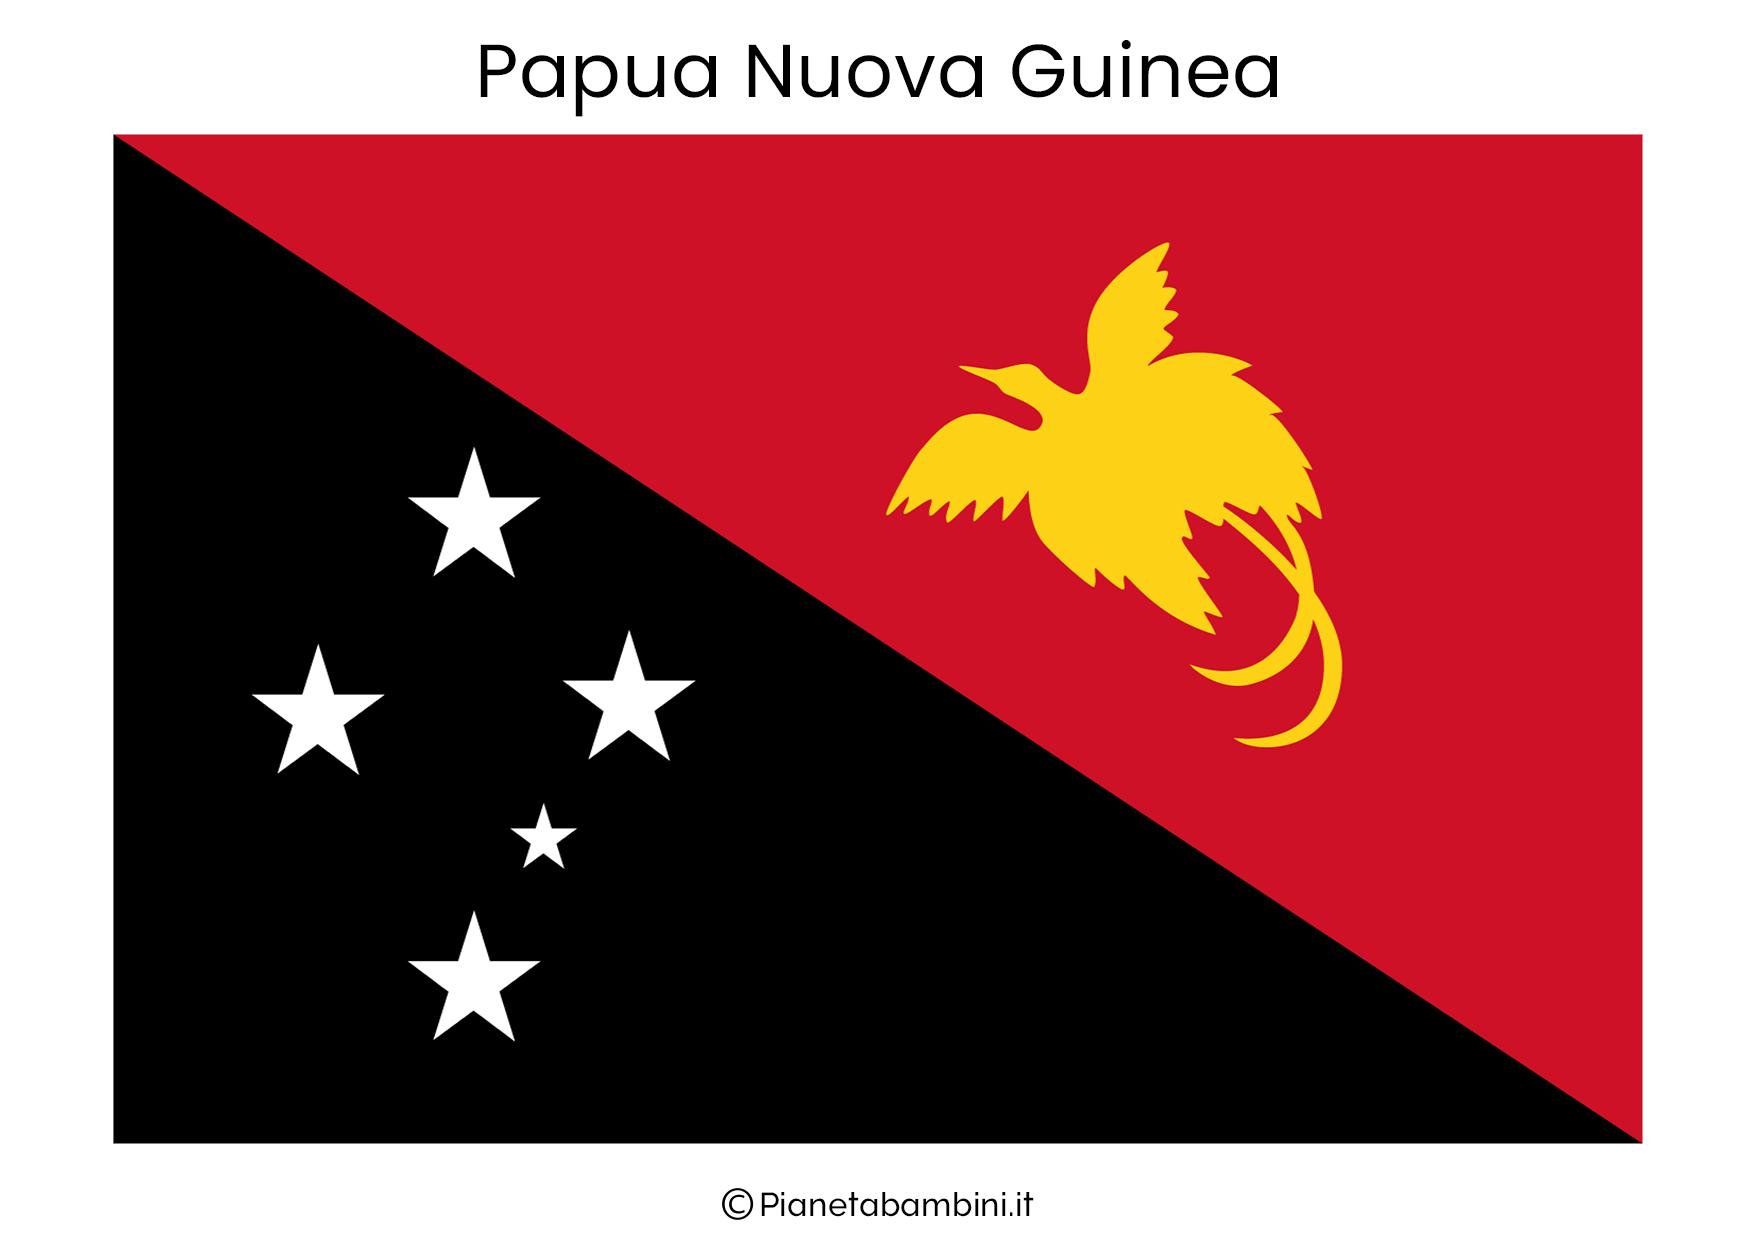 Bandiera di Papua Nuova Guinea da stampare